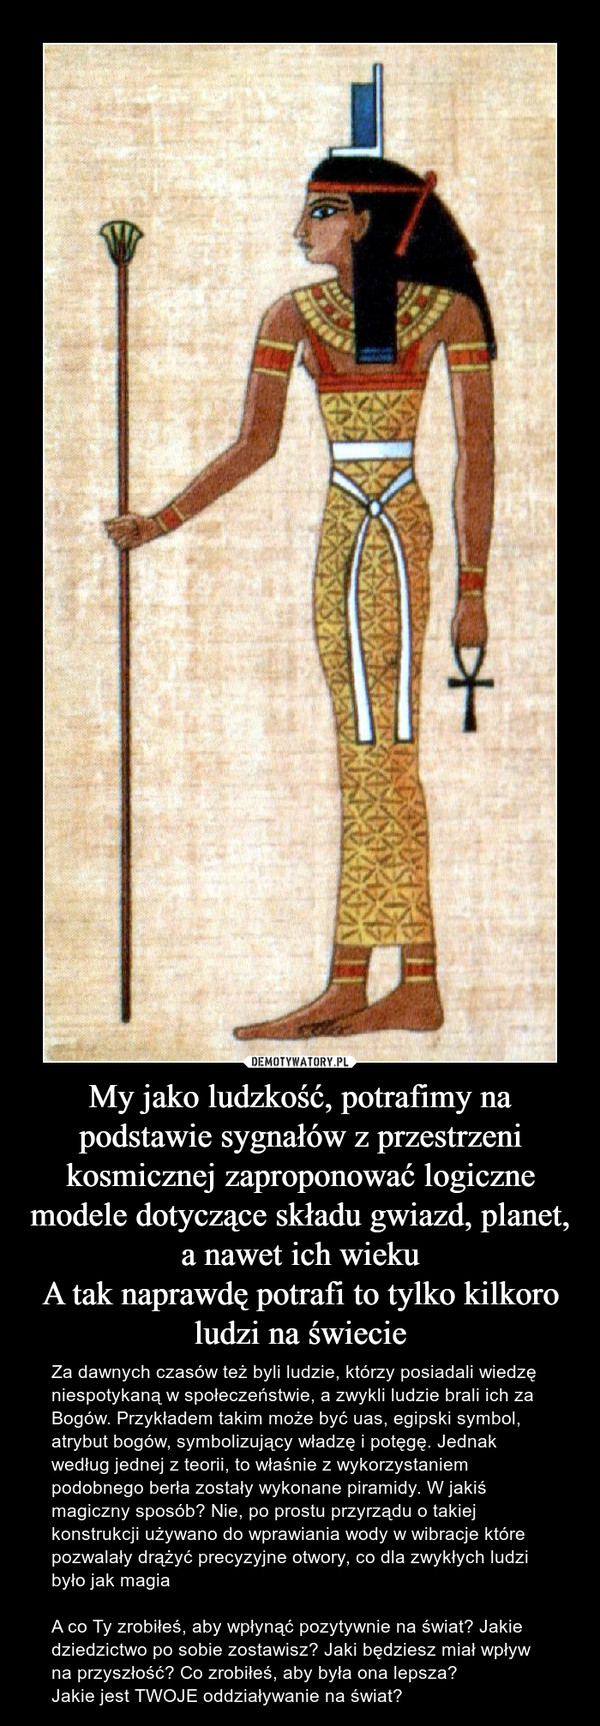 My jako ludzkość, potrafimy na podstawie sygnałów z przestrzeni kosmicznej zaproponować logiczne modele dotyczące składu gwiazd, planet, a nawet ich wiekuA tak naprawdę potrafi to tylko kilkoro ludzi na świecie – Za dawnych czasów też byli ludzie, którzy posiadali wiedzę niespotykaną w społeczeństwie, a zwykli ludzie brali ich za Bogów. Przykładem takim może być uas, egipski symbol, atrybut bogów, symbolizujący władzę i potęgę. Jednak według jednej z teorii, to właśnie z wykorzystaniem podobnego berła zostały wykonane piramidy. W jakiś magiczny sposób? Nie, po prostu przyrządu o takiej konstrukcji używano do wprawiania wody w wibracje które pozwalały drążyć precyzyjne otwory, co dla zwykłych ludzi było jak magiaA co Ty zrobiłeś, aby wpłynąć pozytywnie na świat? Jakie dziedzictwo po sobie zostawisz? Jaki będziesz miał wpływ na przyszłość? Co zrobiłeś, aby była ona lepsza?Jakie jest TWOJE oddziaływanie na świat?